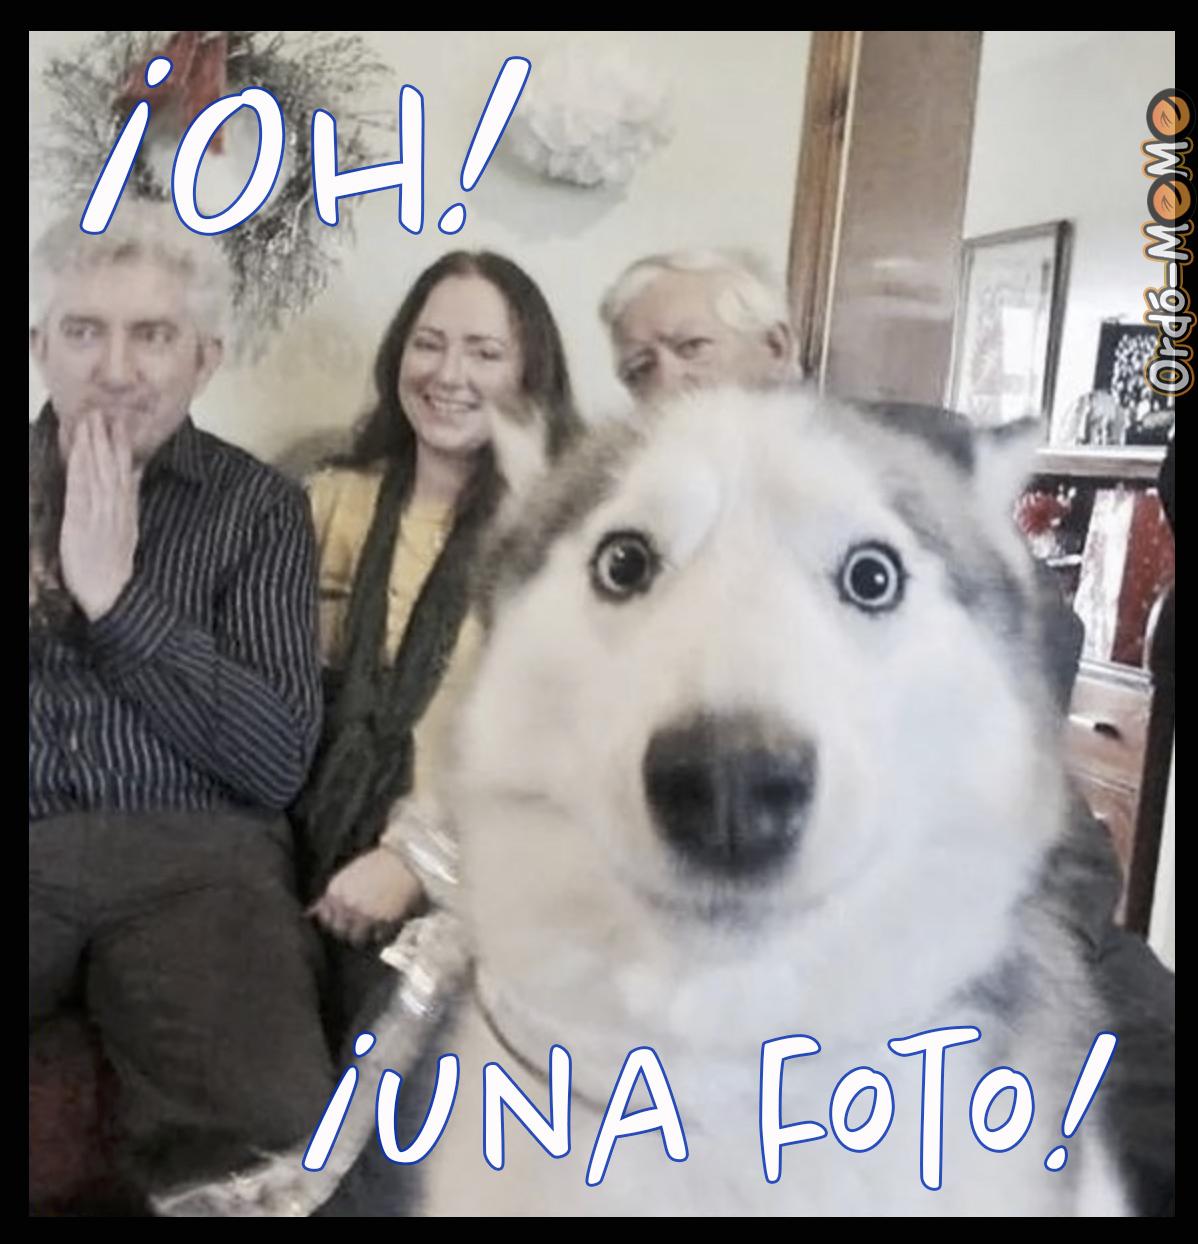 perro sorprendido en primer plano cerrado al momento de tomar una fotografía